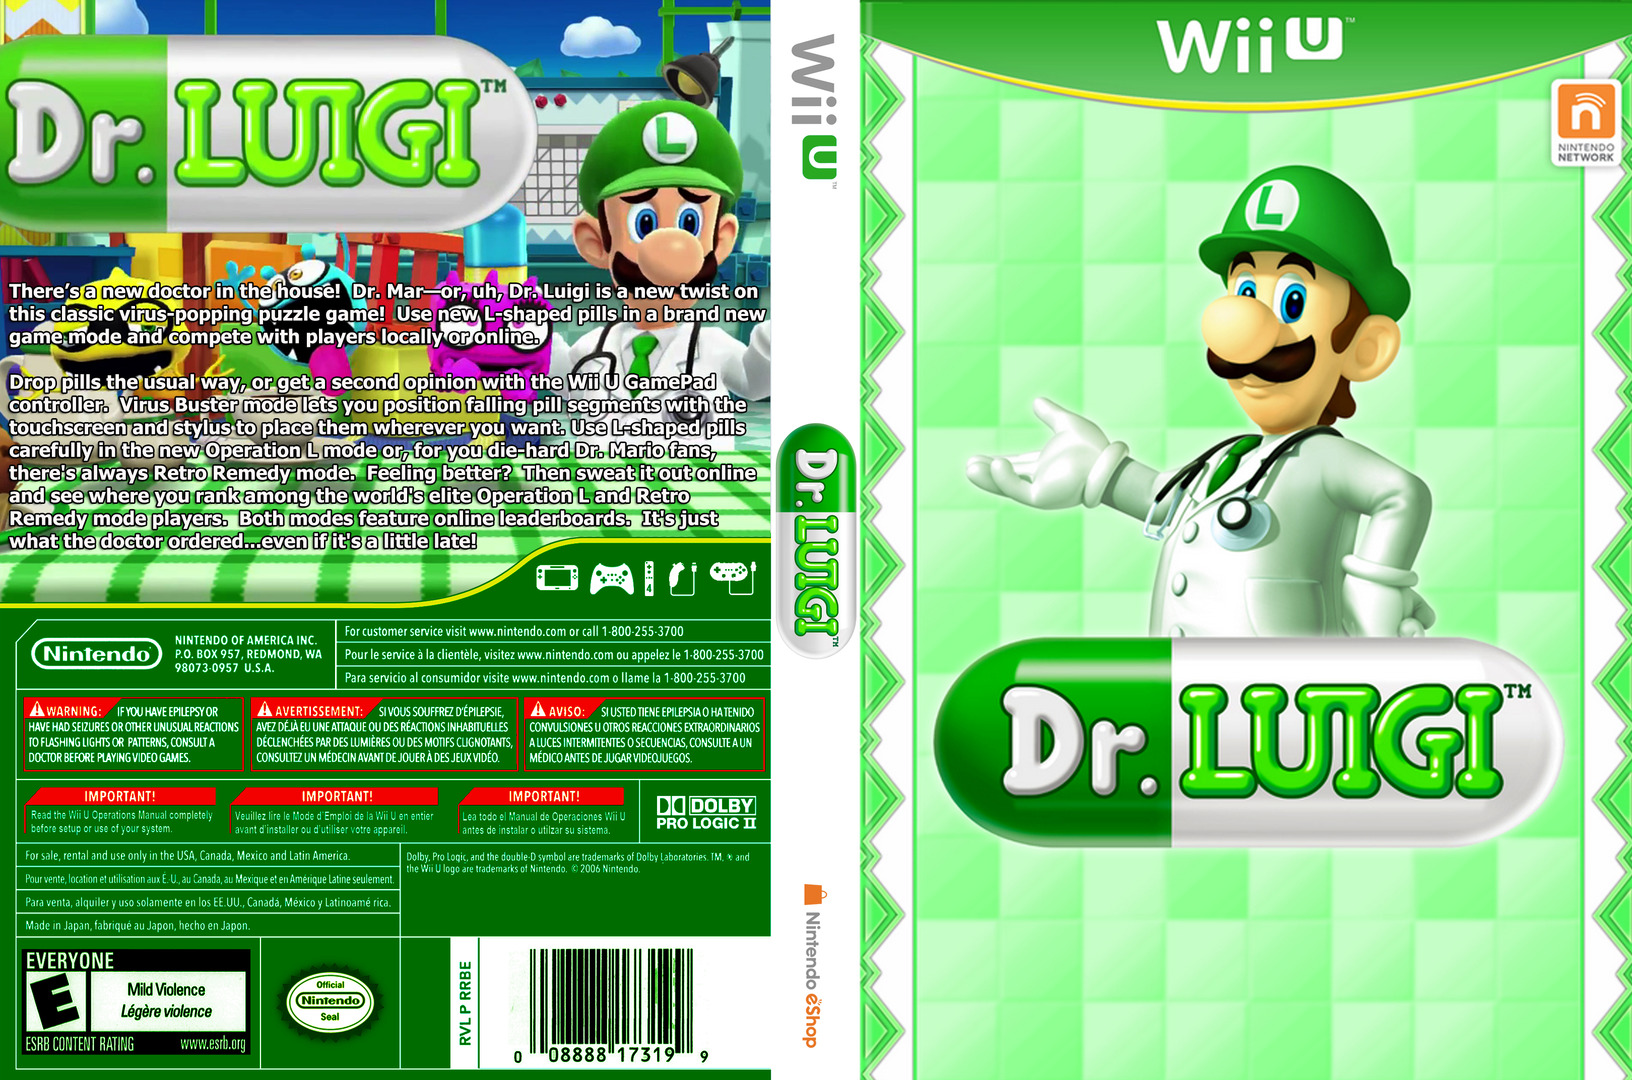 http://art.gametdb.com/wiiu/coverfullHQ/US/WAQE.jpg